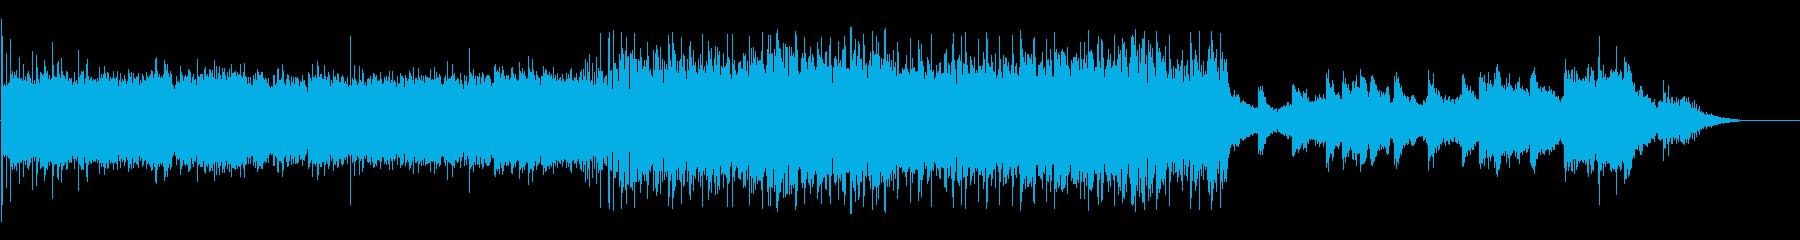 ゴシックコーラスなテクノの再生済みの波形